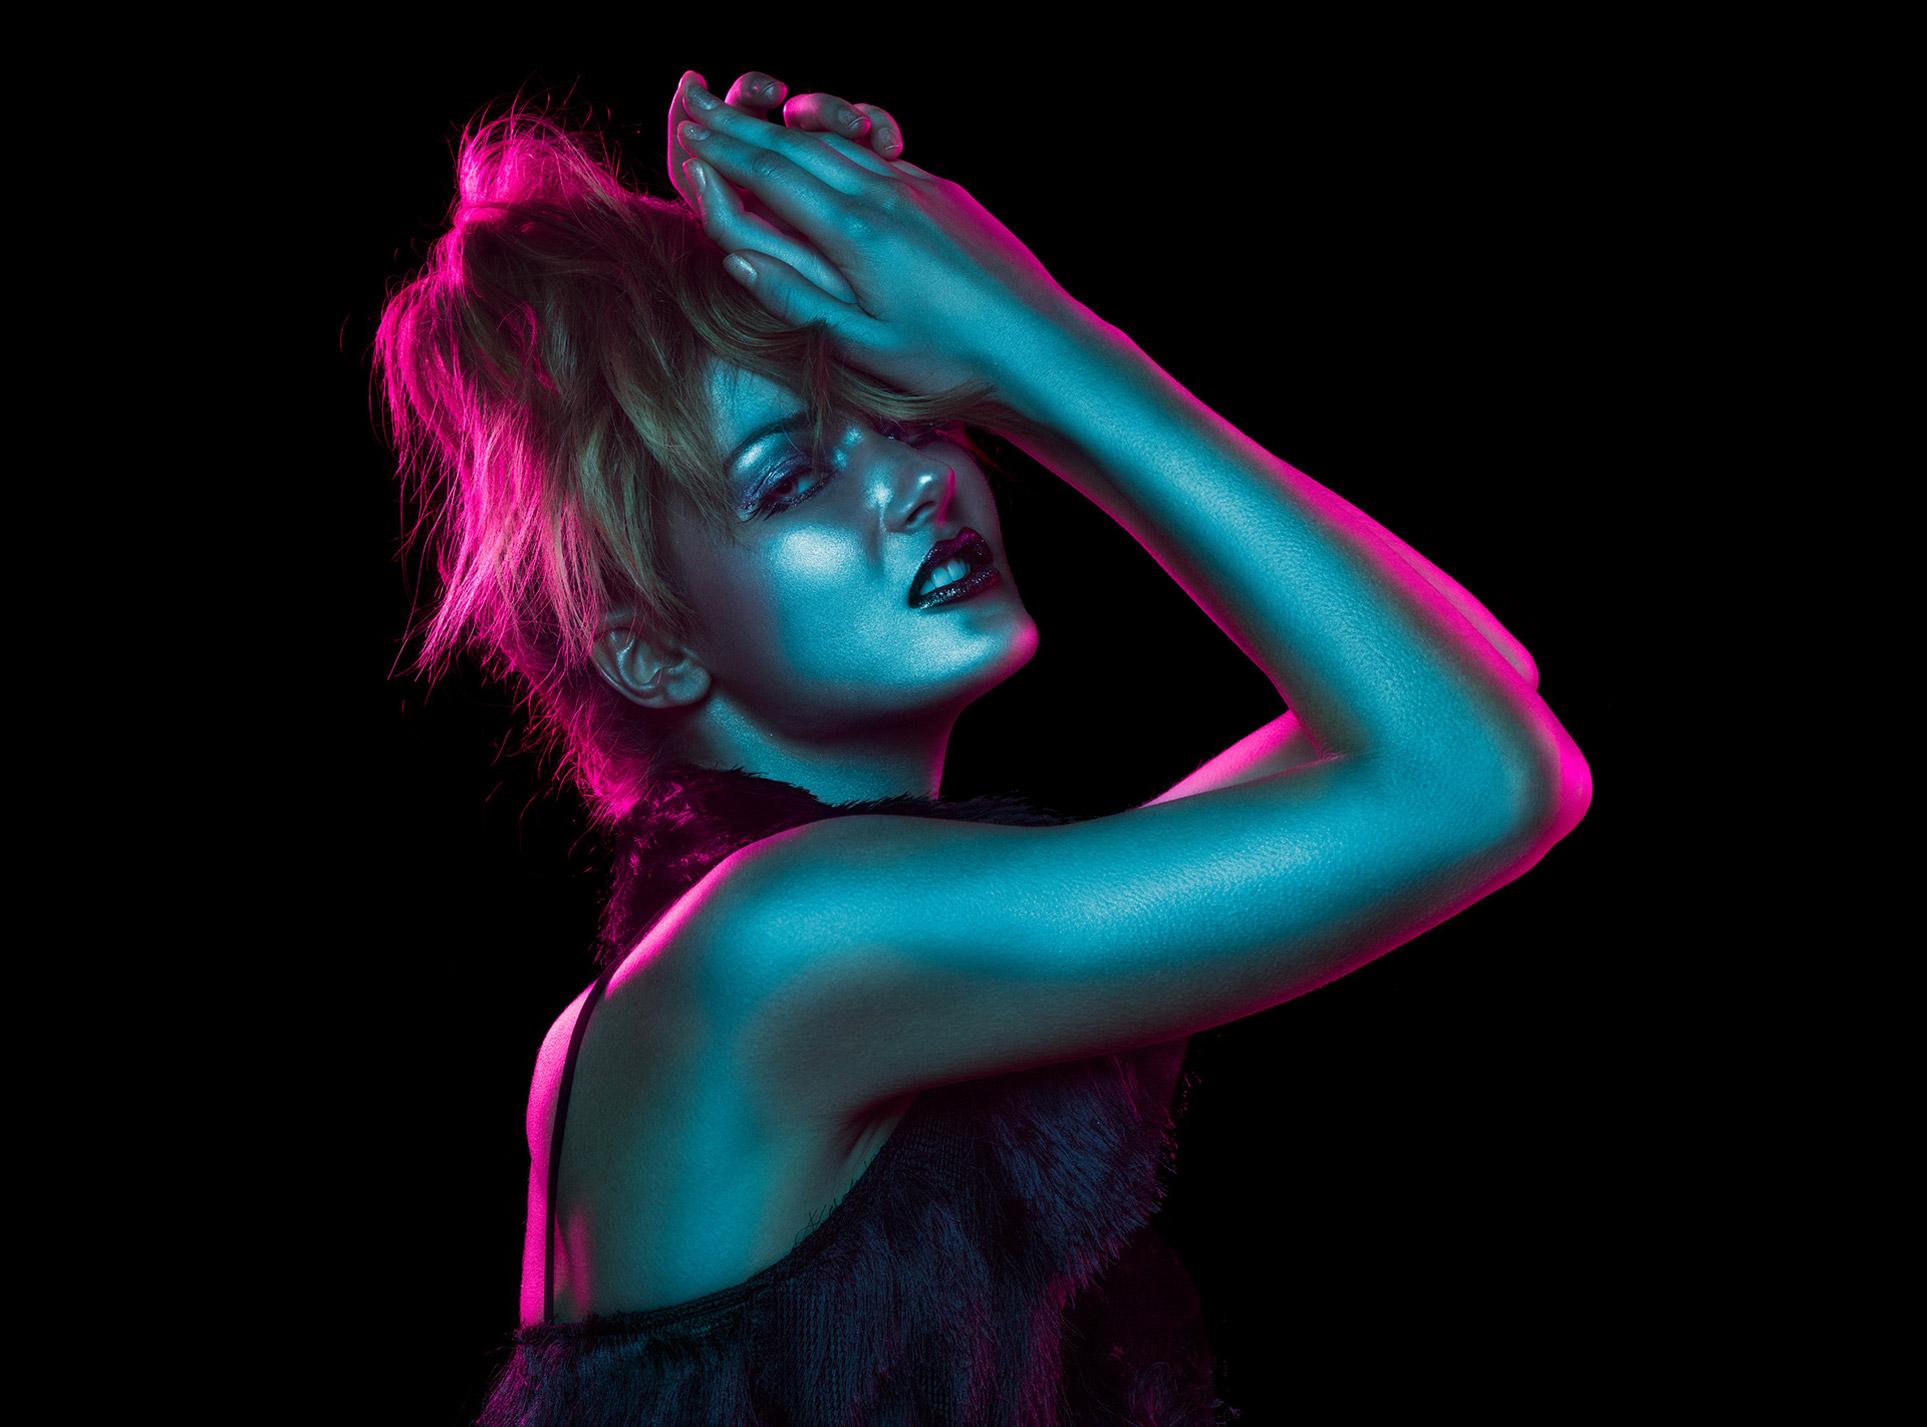 Красивая девушка в отблесках ночи / Рейчел Флинн, фотограф Андре Шнейдер / фото 07